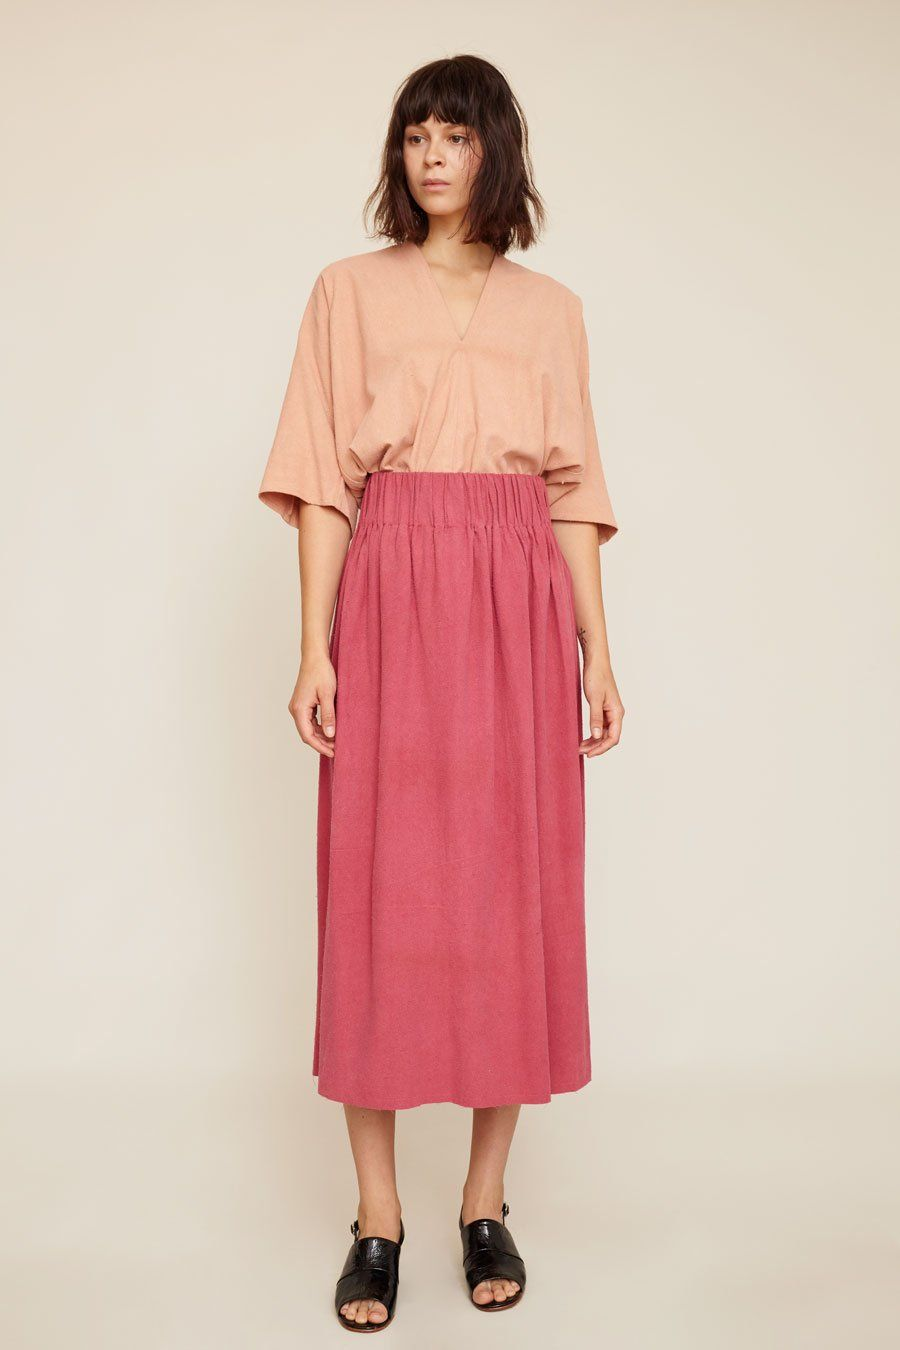 6f5170c2a5 Miranda Bennett Paper Bag Skirt in Rio Silk Noil | style inspiration ...